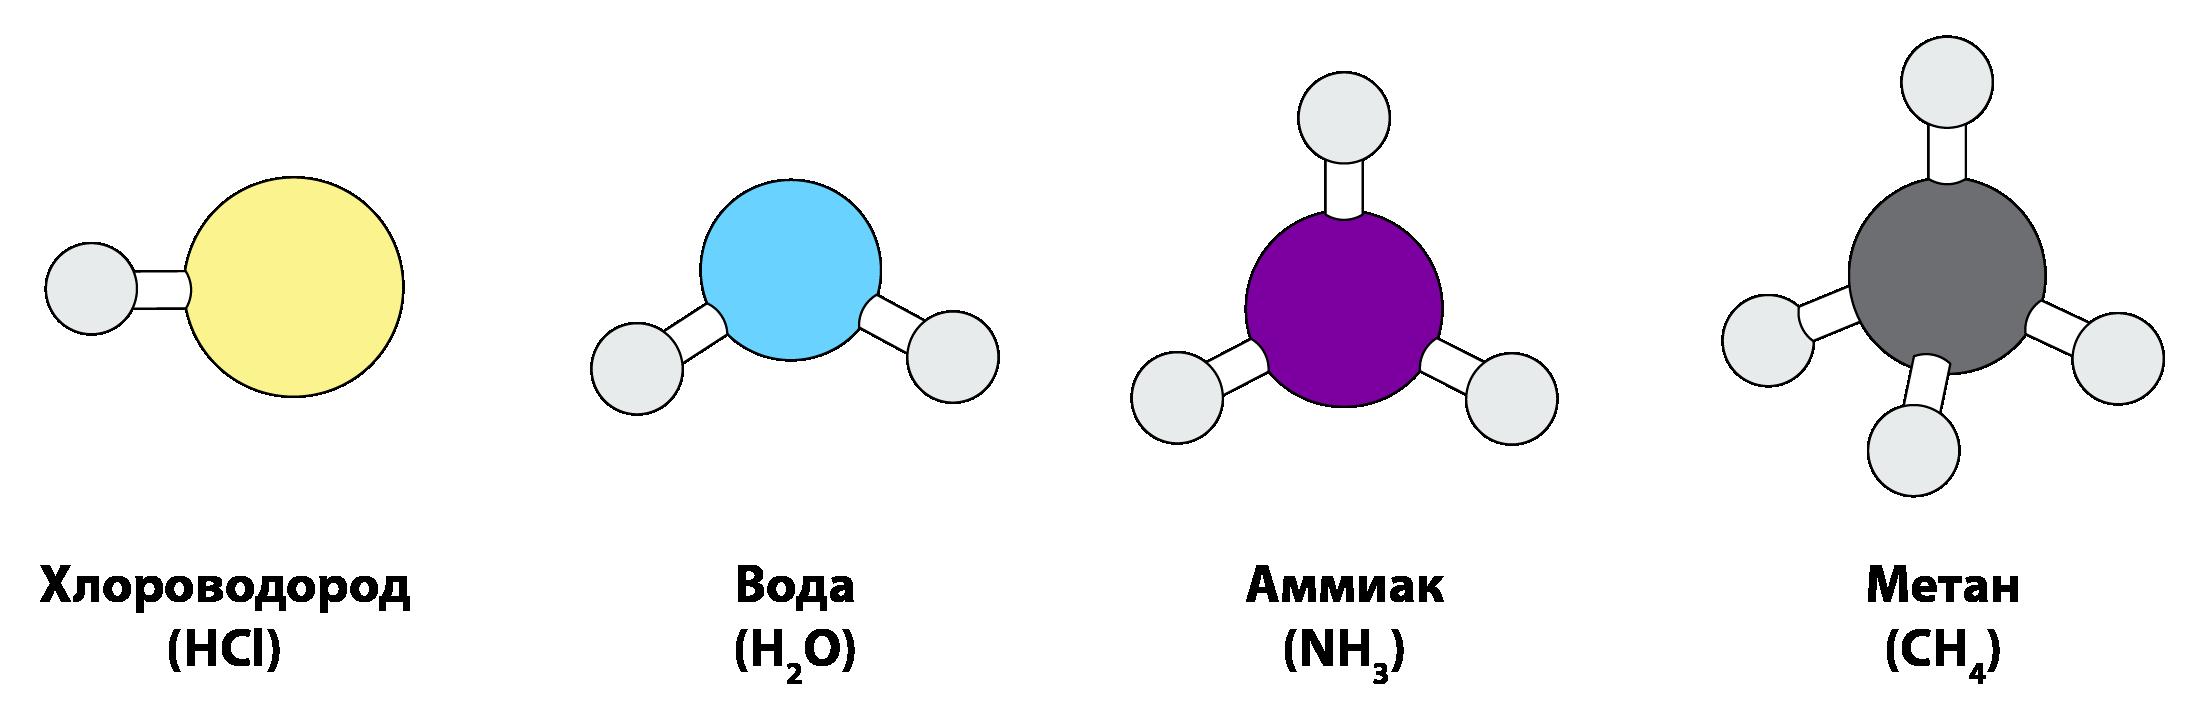 Атомы соединяются в молекулы в определенных соотношениях